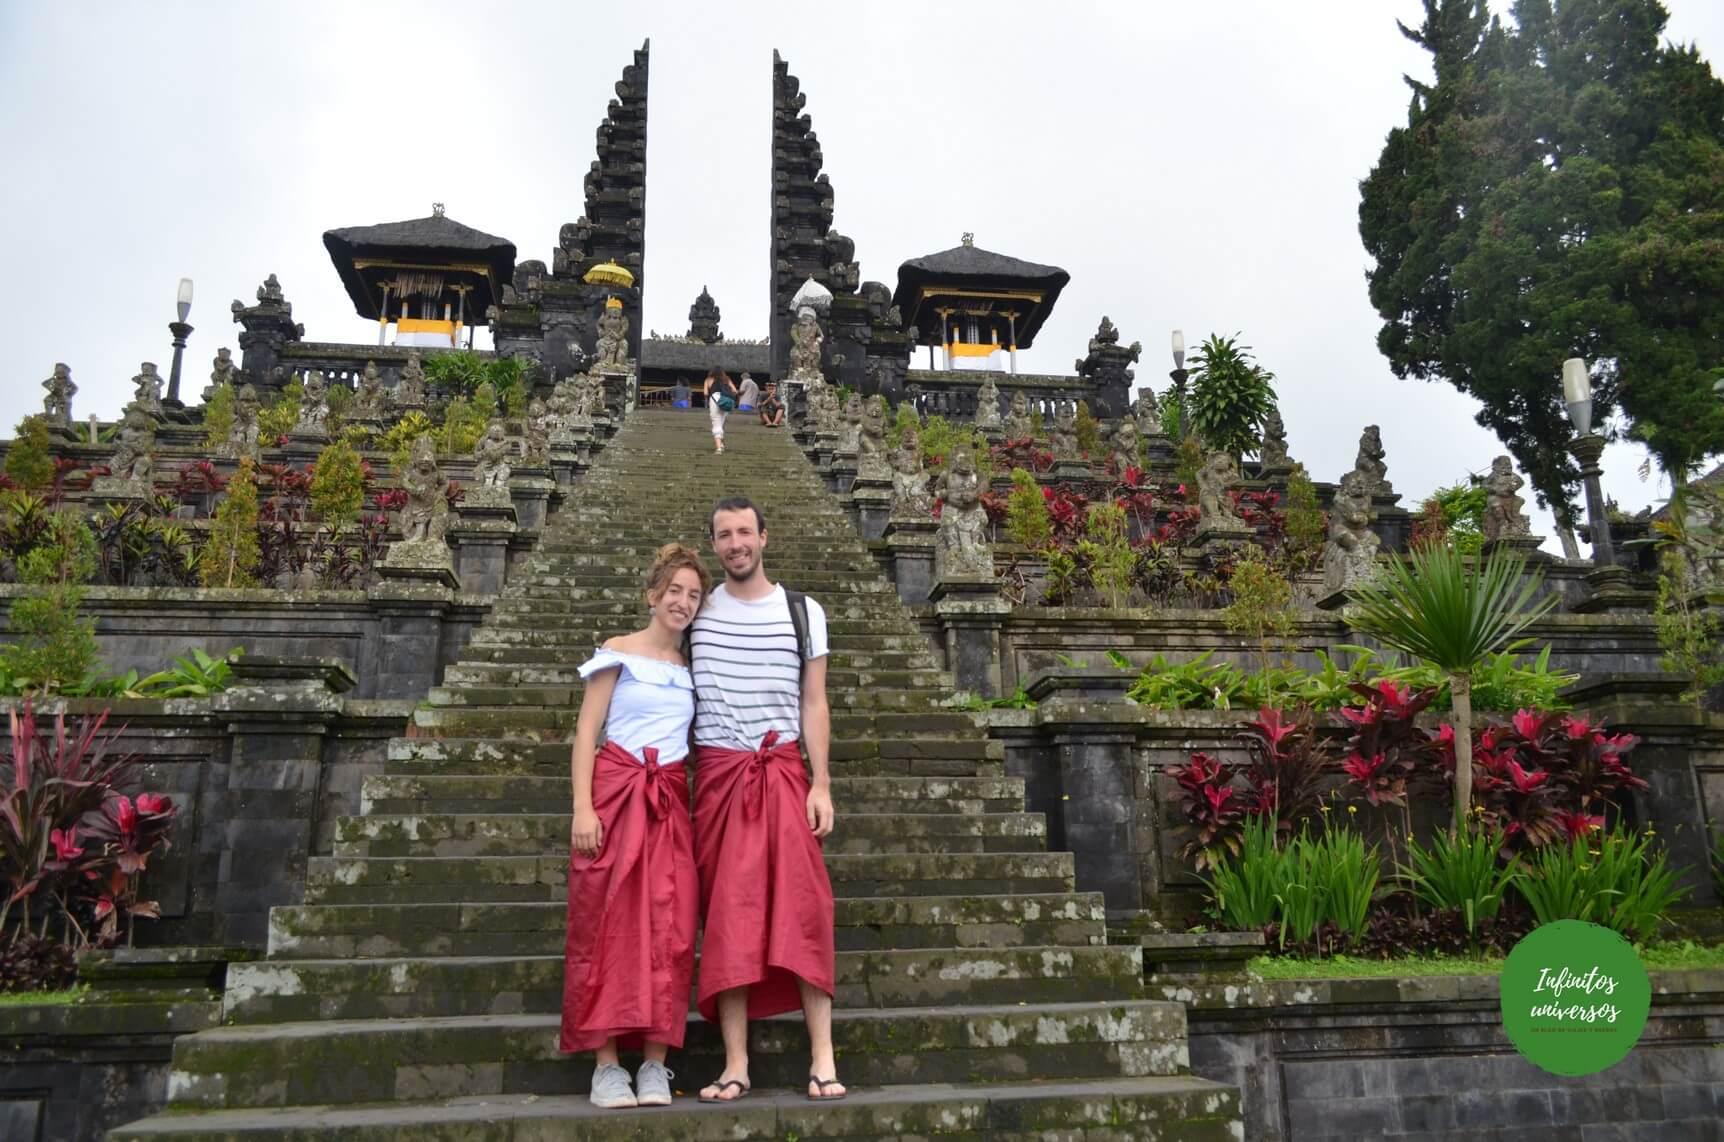 Templo Madre de Besakih - Qué ver en Bali (Indonesia) Pura Gunung Kawi Tirta Empul el templo madre de Besakih, la cascada Tukad Cepung el templo Pura Kehen Penglipuran y su bosque de bambú bali indonesia